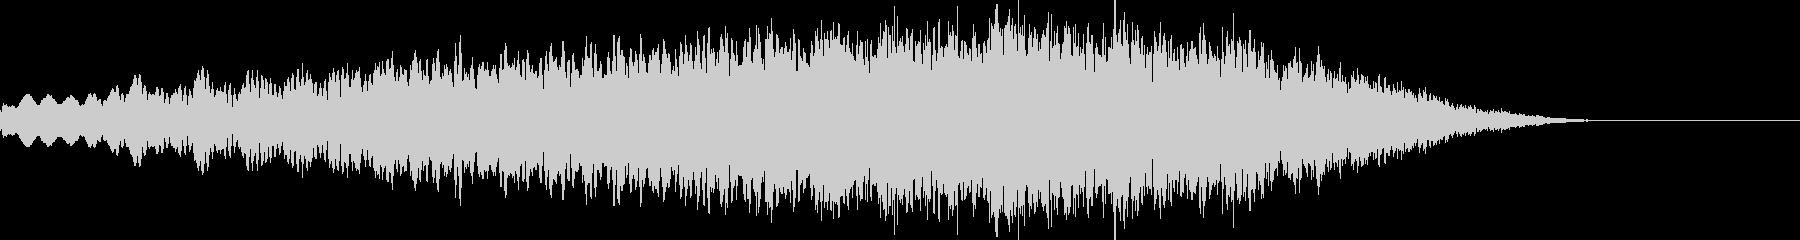 ホラー音05の未再生の波形